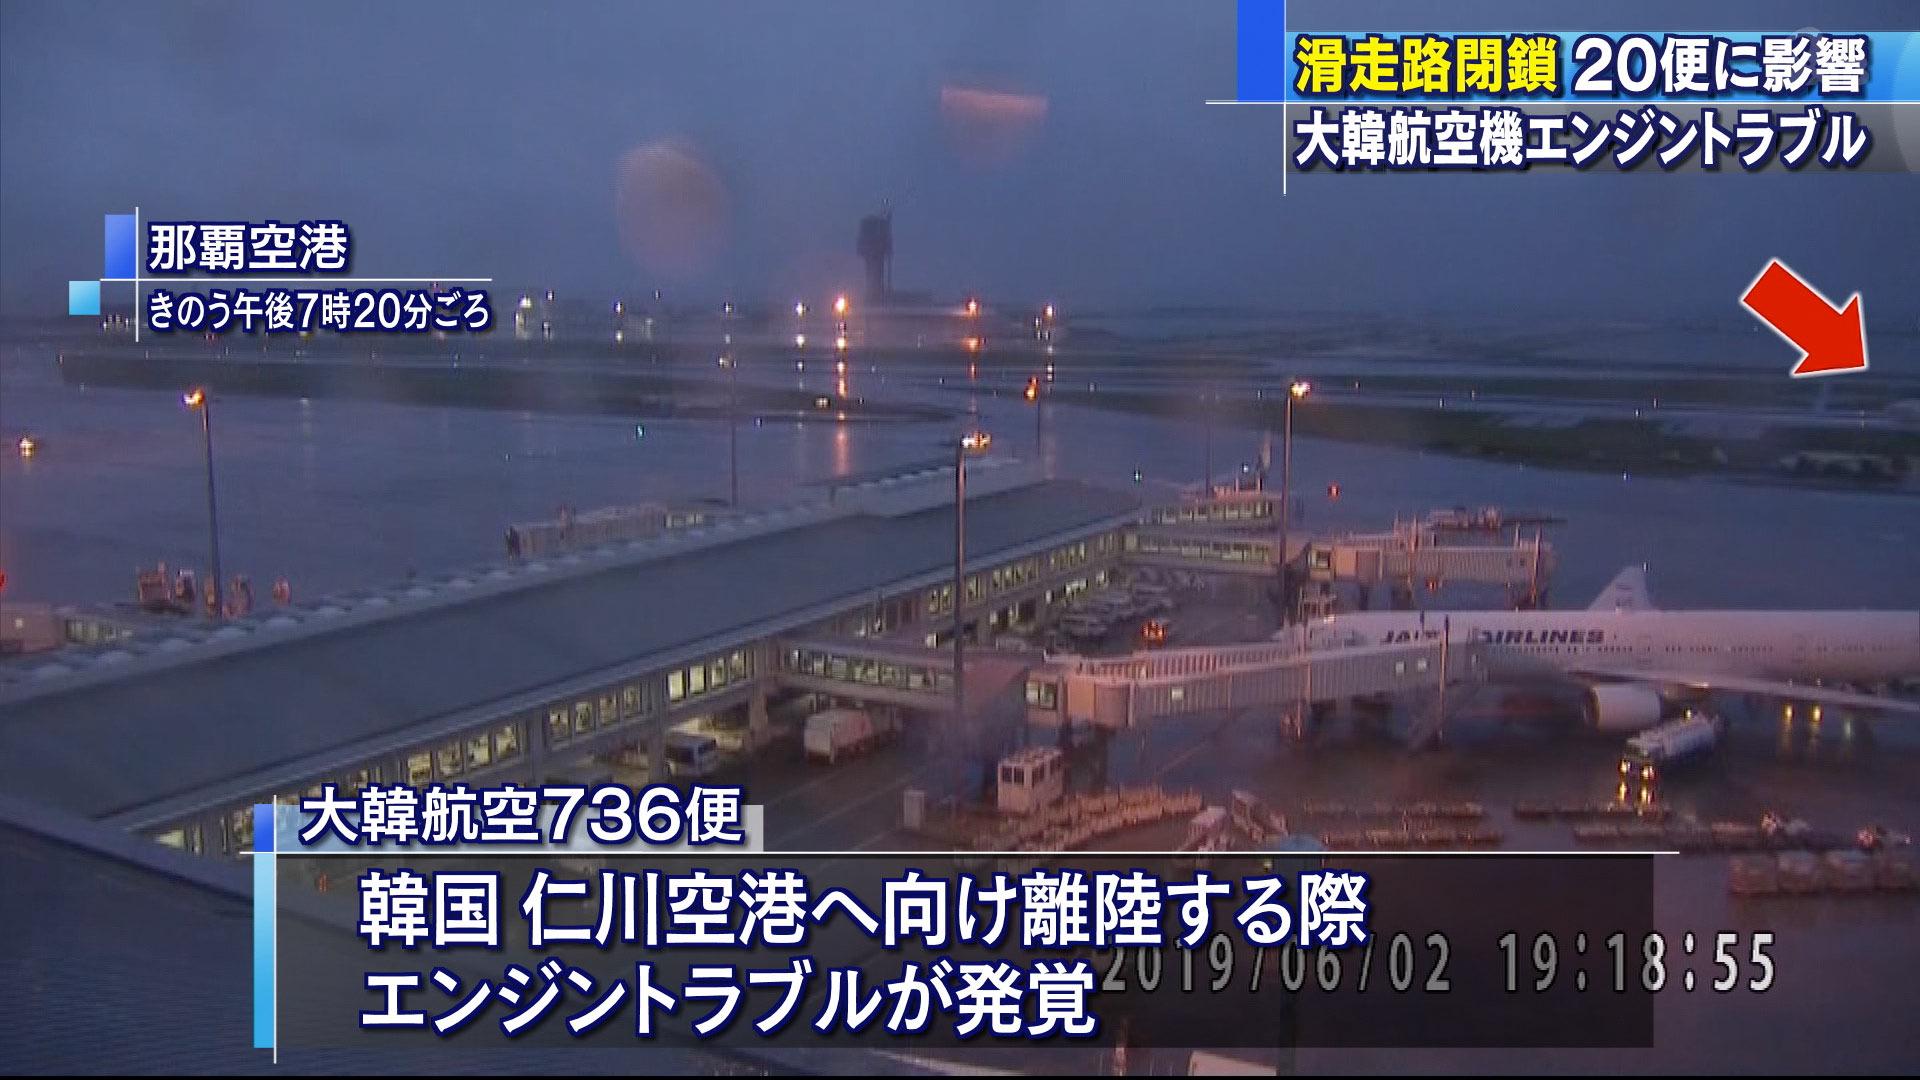 大韓航空機エンジントラブル